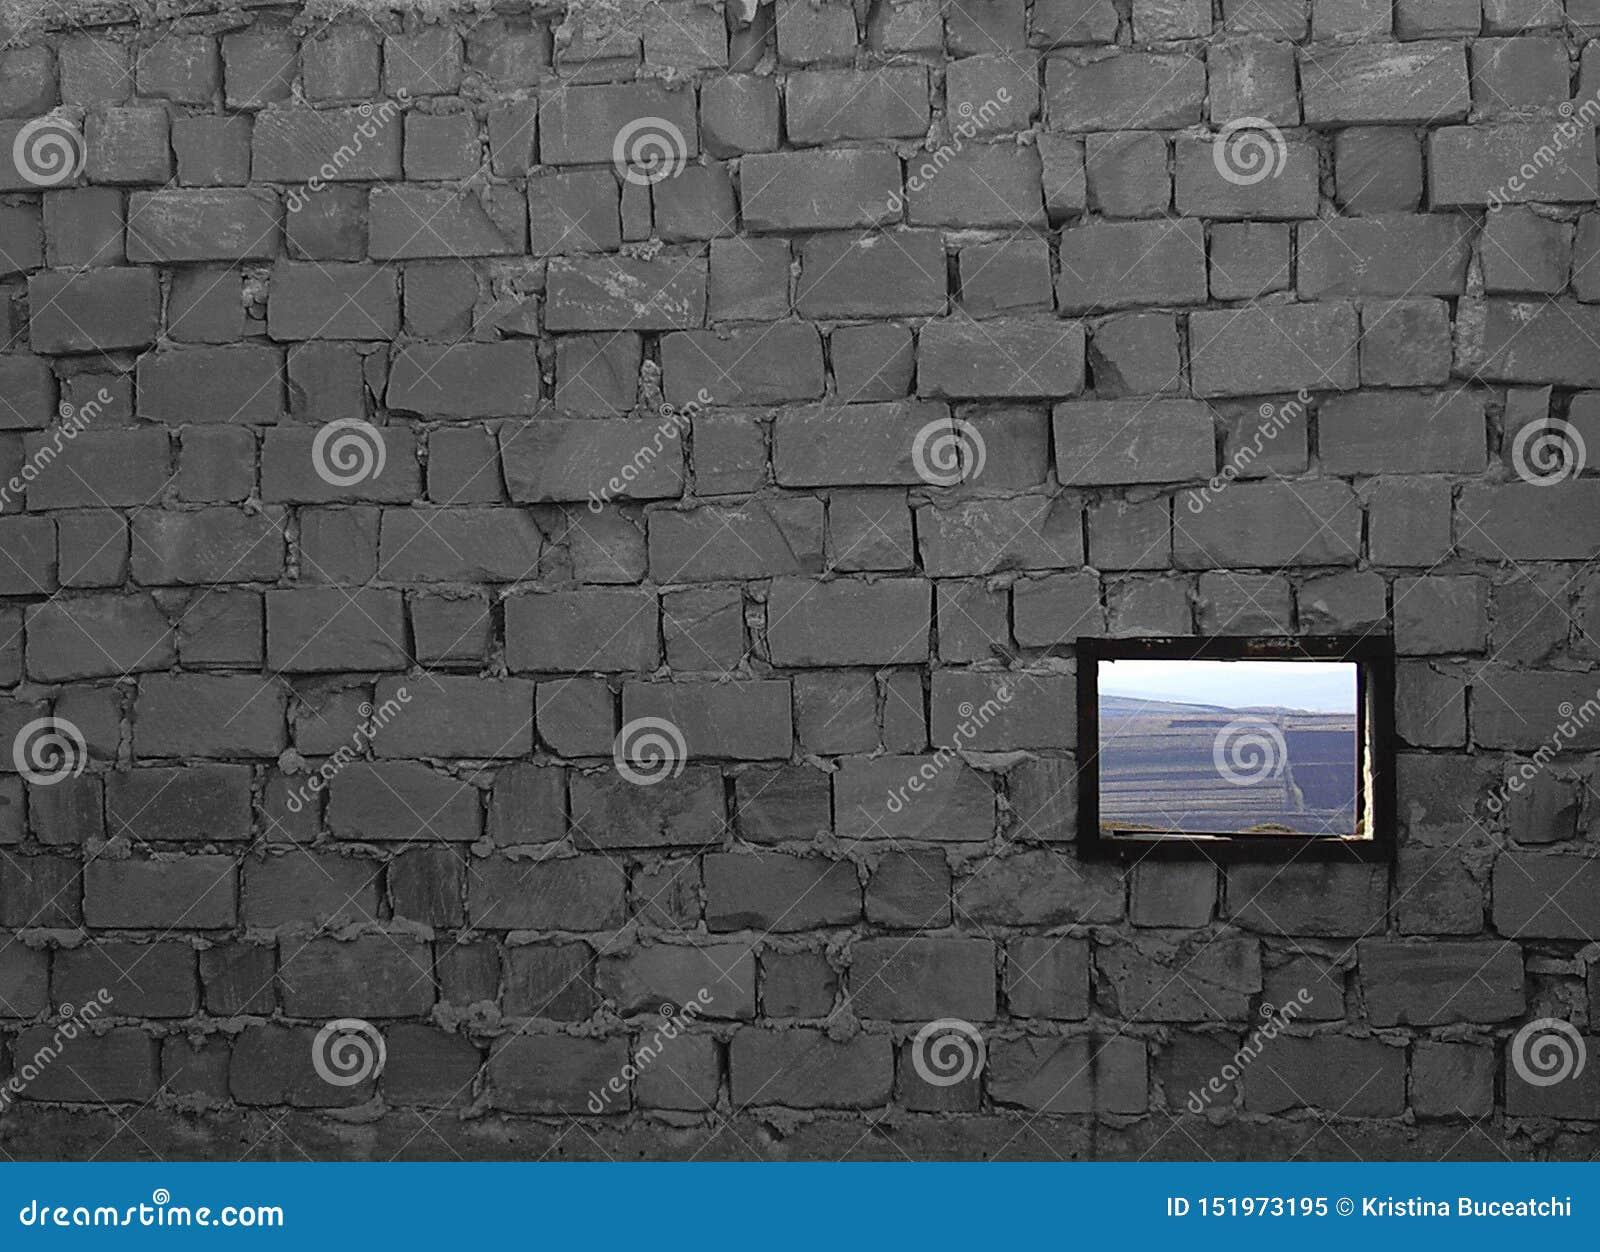 Unfertige Backsteinmauer mit einem Fenster, mit einer rustikalen Landschaft